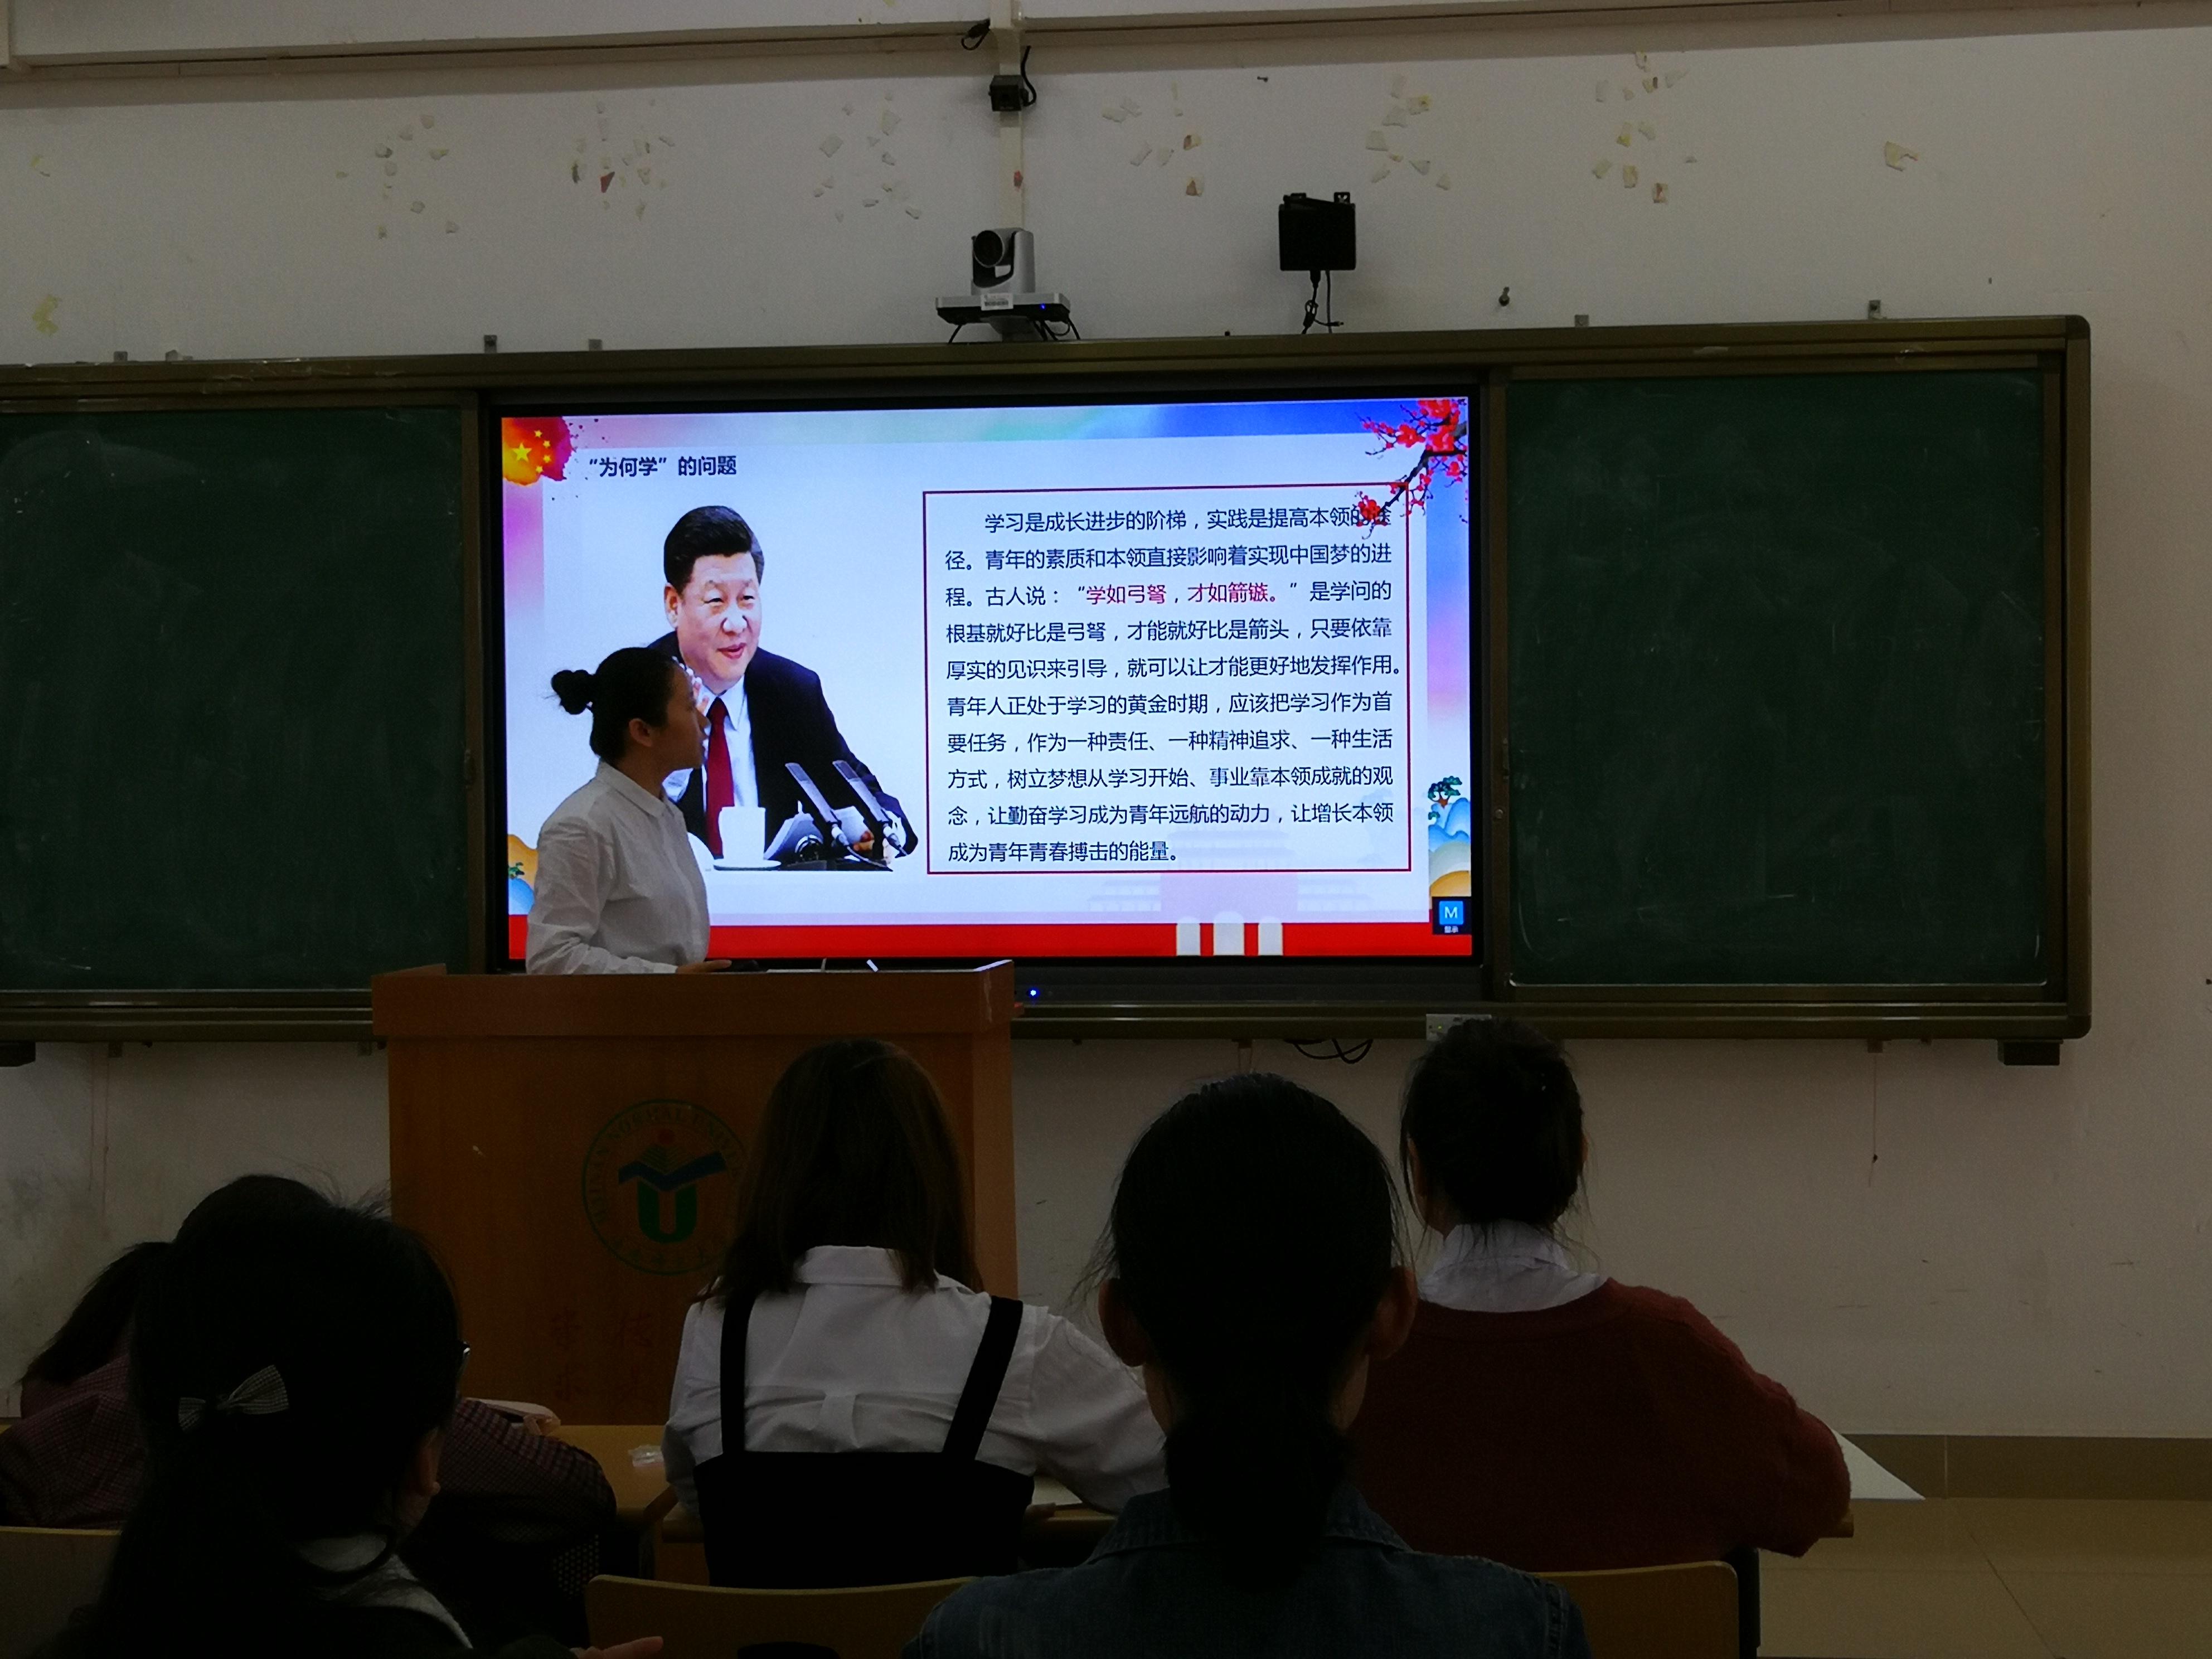 """青年之声・记文学院党支部党日活动之《""""平""""语近人》研龚沙龙"""